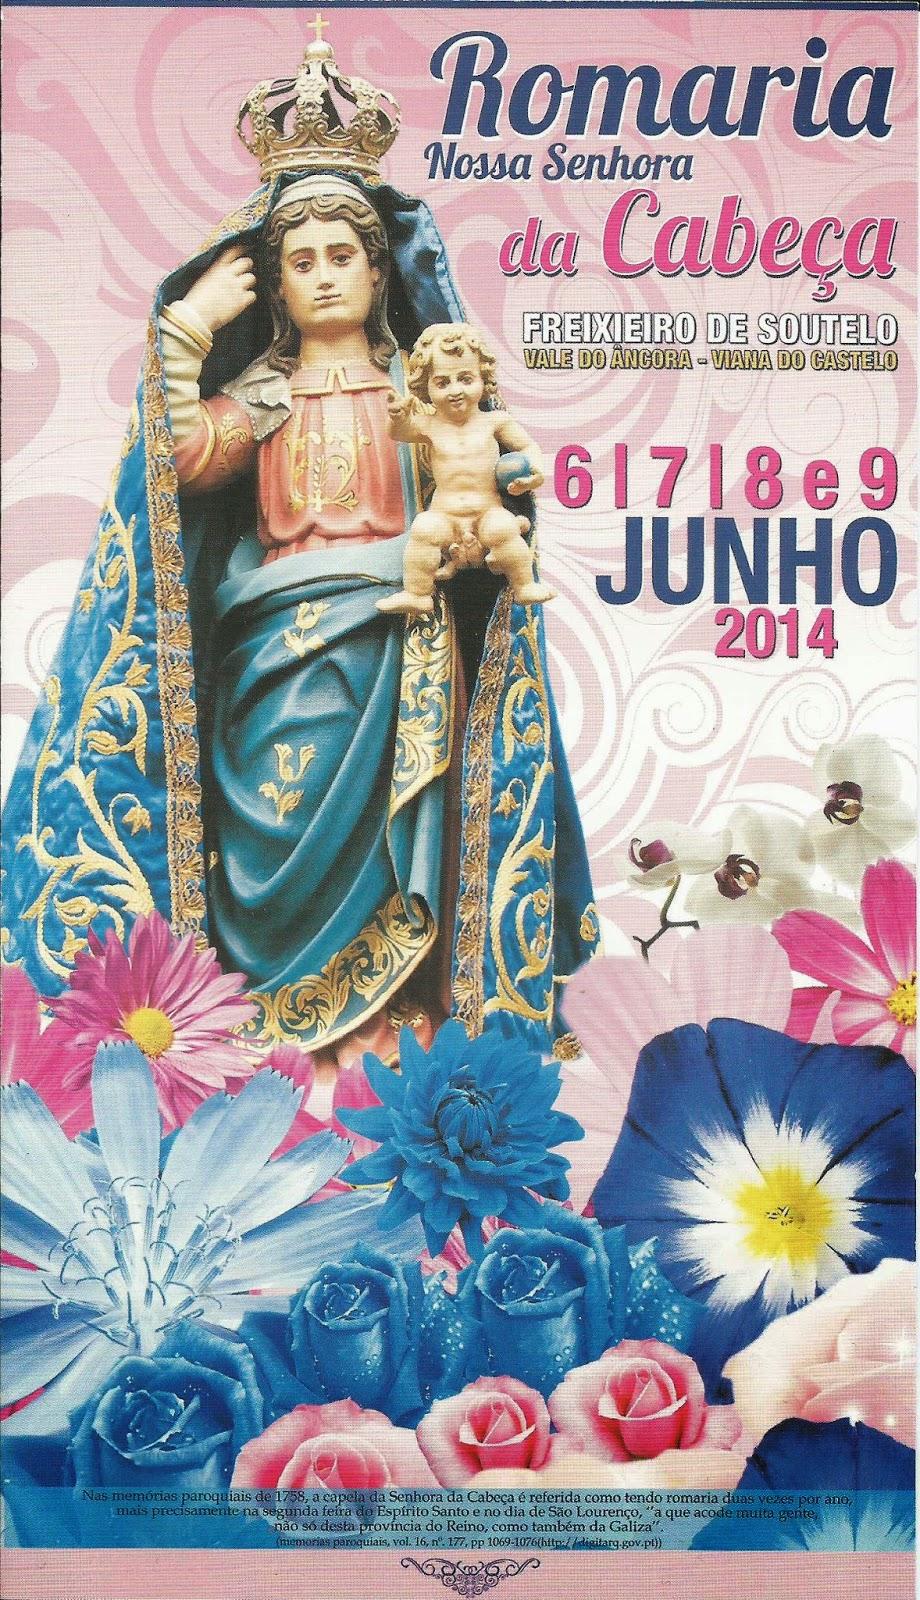 Cartaz da Romaria de Nossa Senhora da Cabeça em Freixieiro de Soutelo - 2014